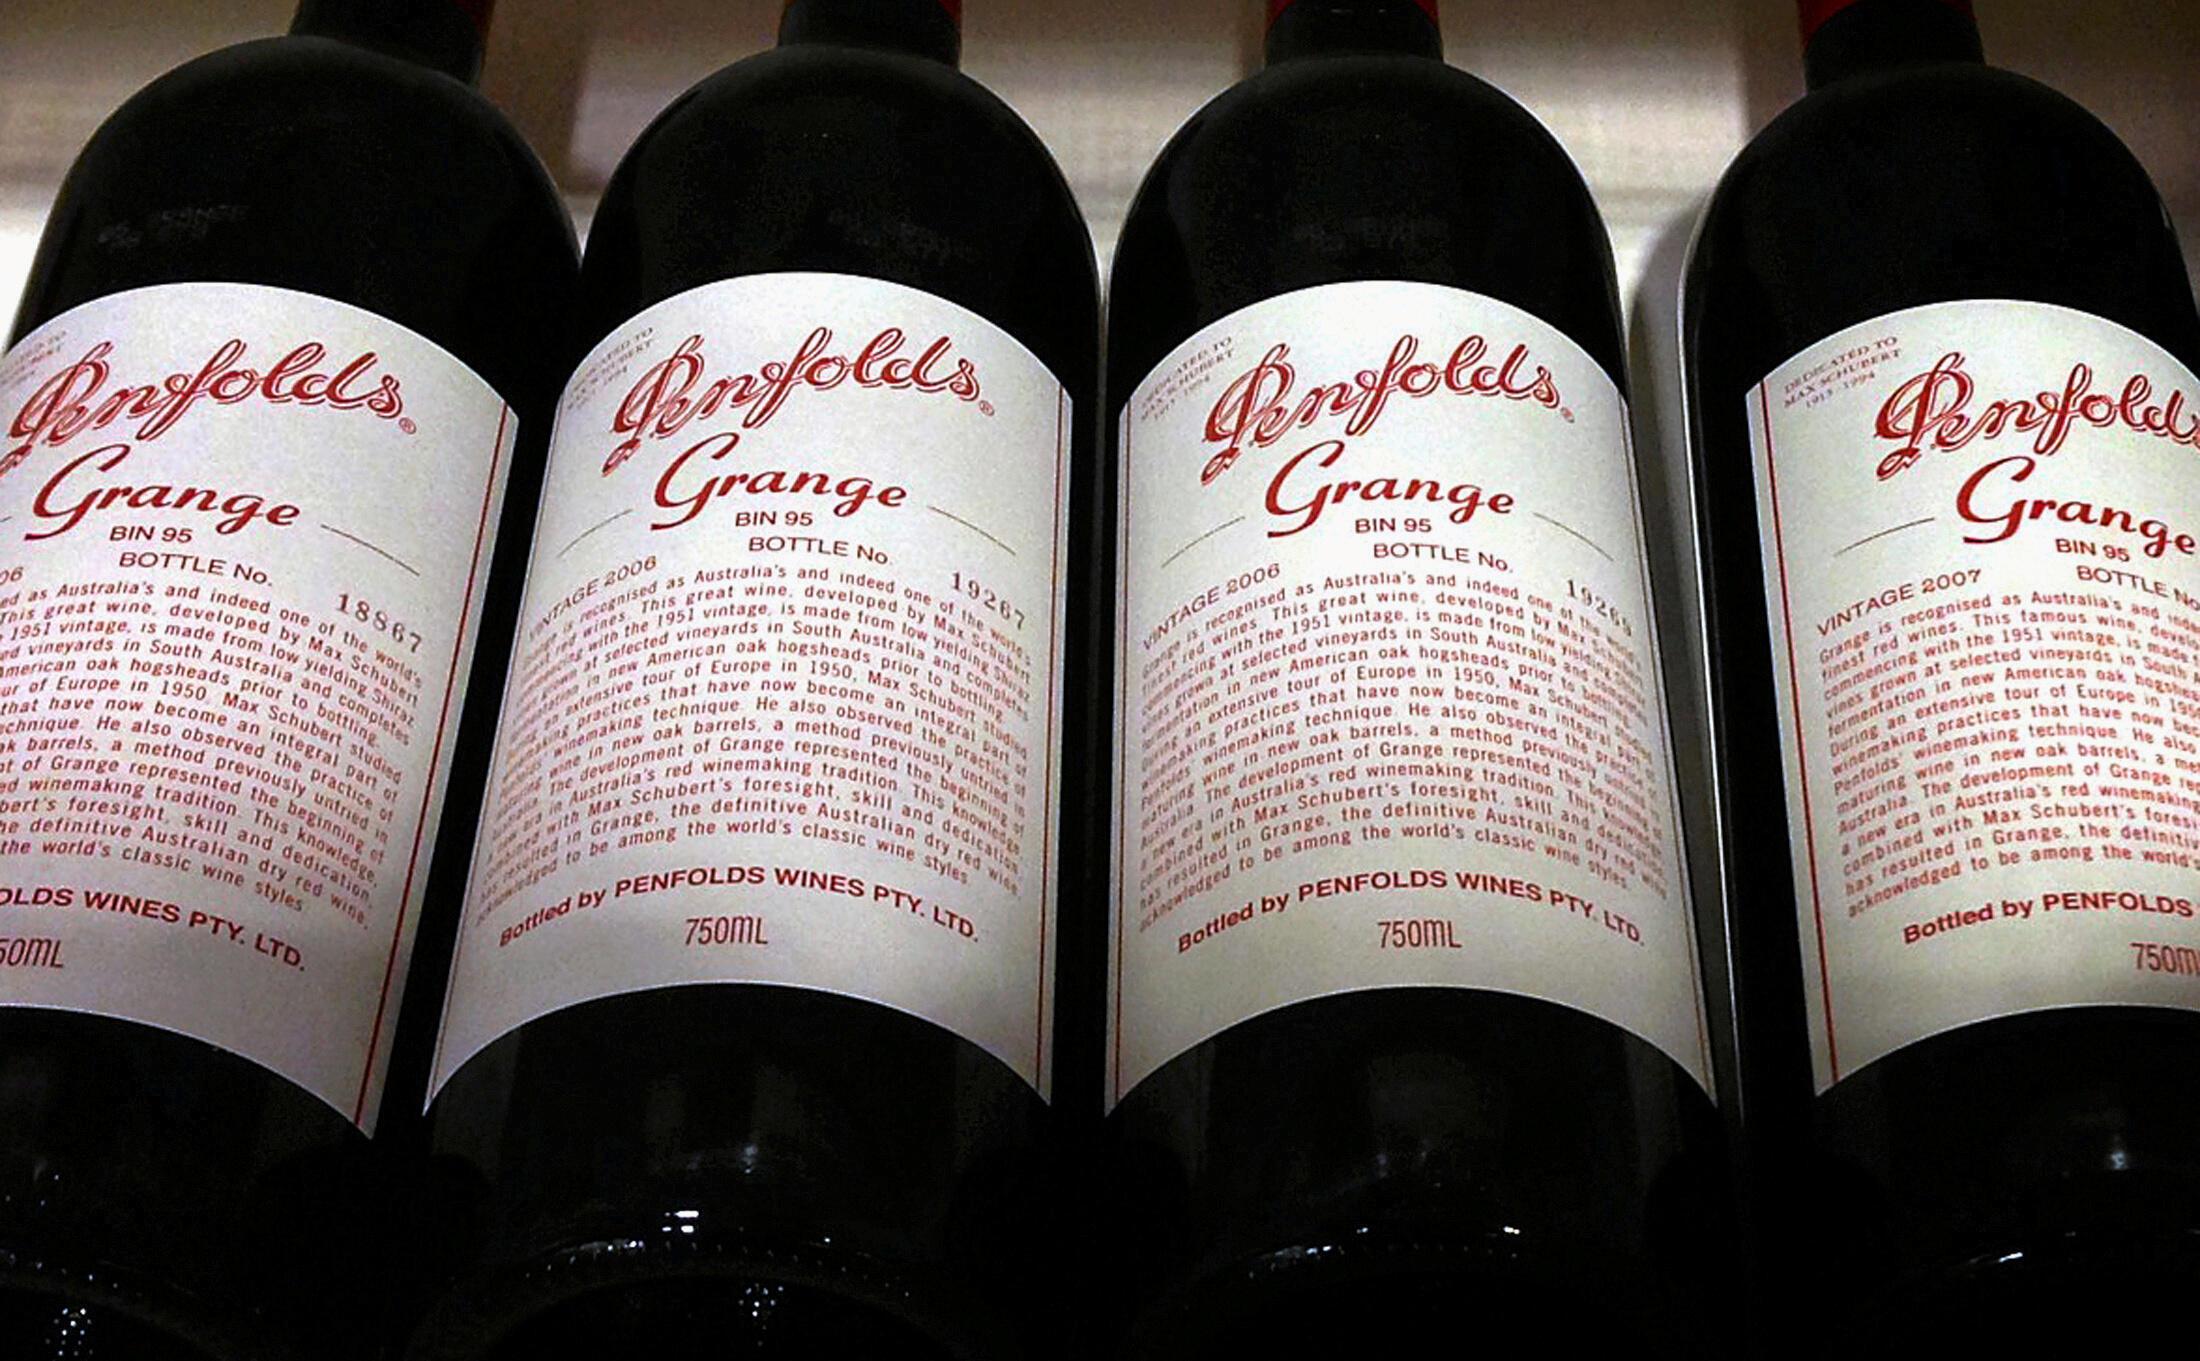 Des bouteilles de Penfolds Grange, un vin d'Australie, photographiées dans un magasin spécialisé à Sydney, le 4 août 2014.